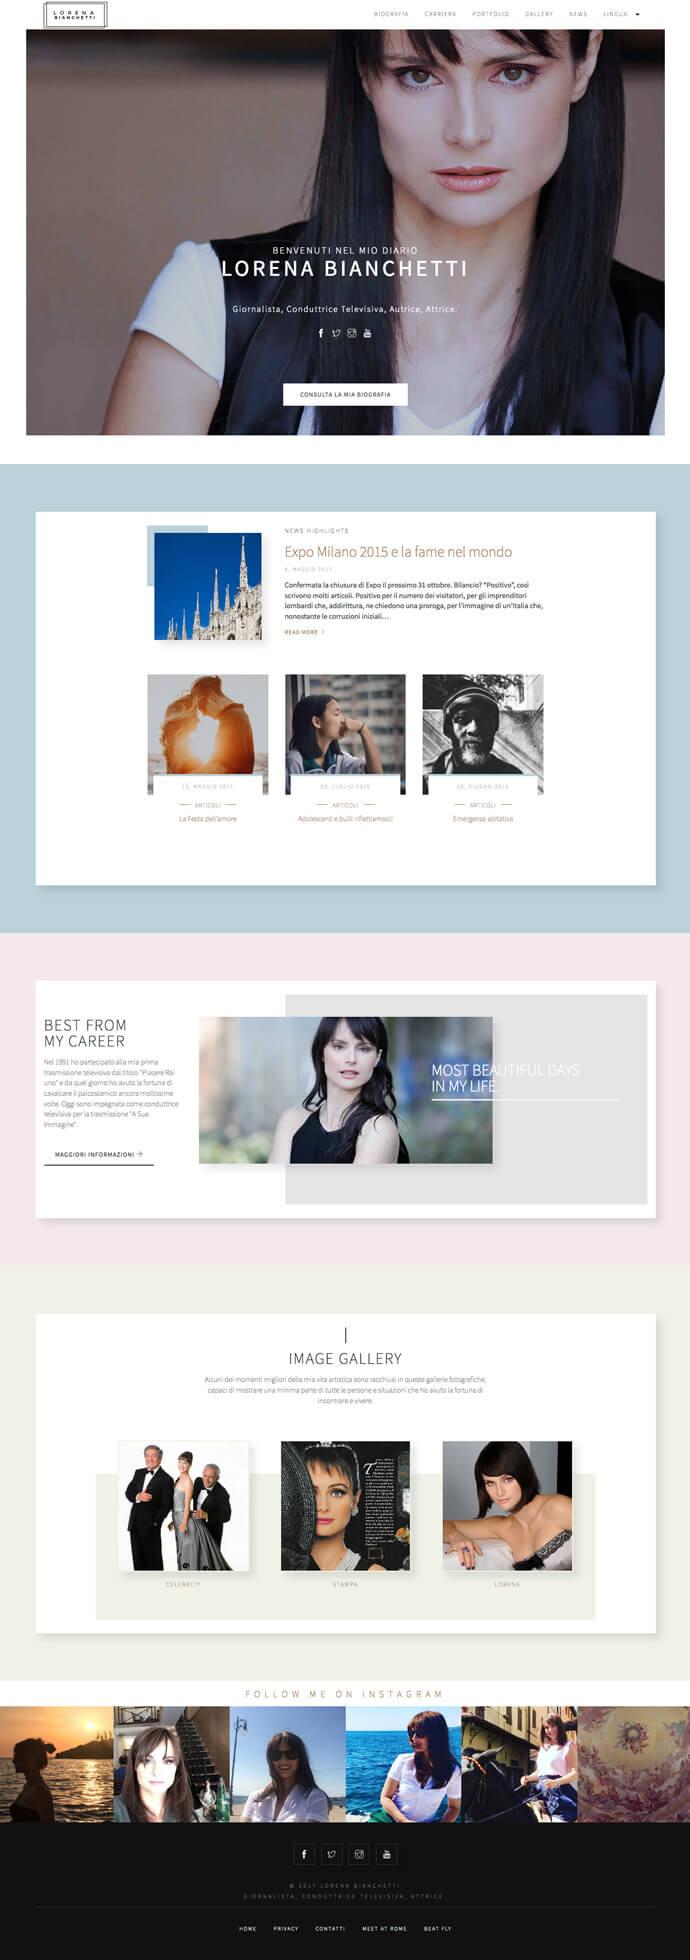 lorena-bianchetti-official-web-site